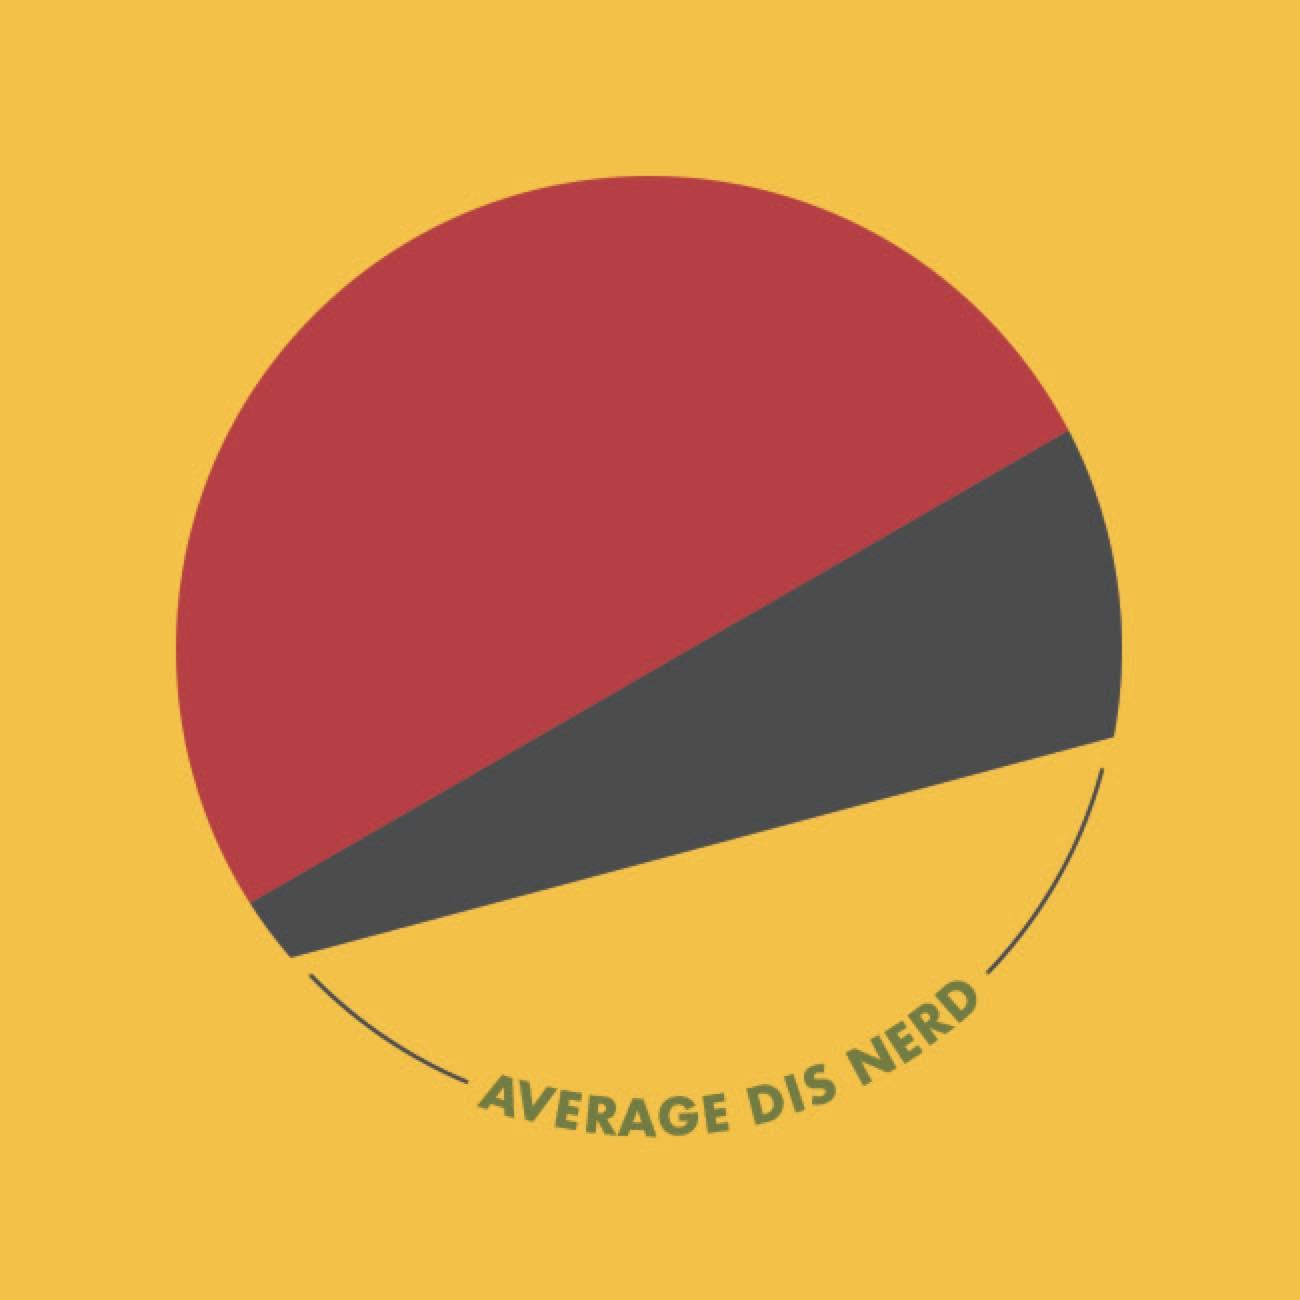 AverageDisNerd.jpg